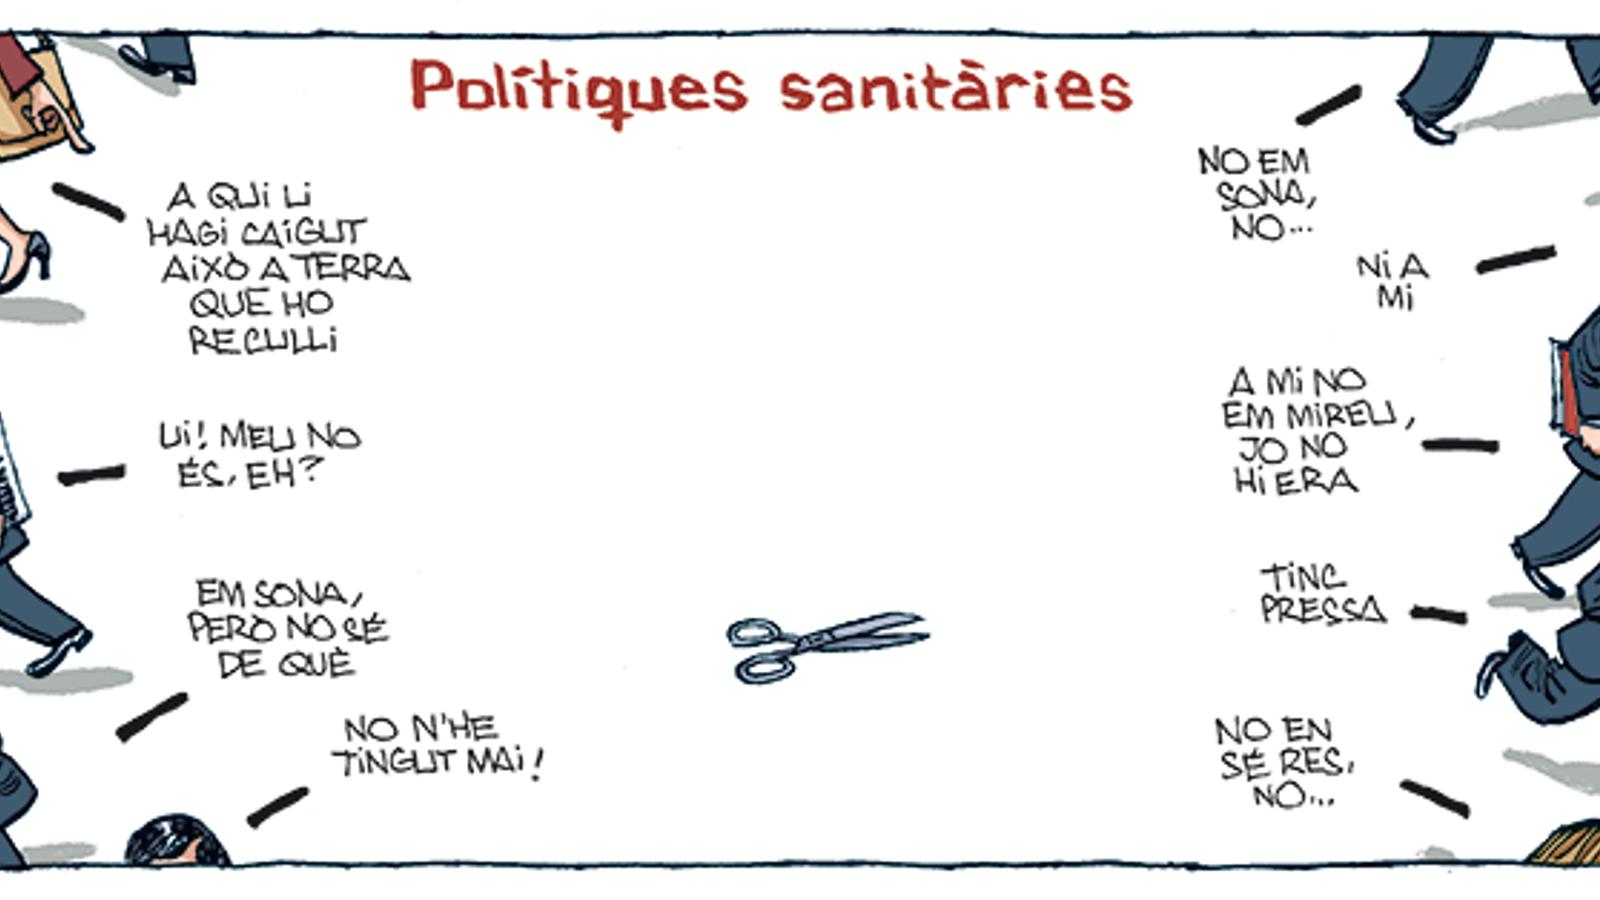 'A la contra', per Manel Fontdevila 19/04/2020